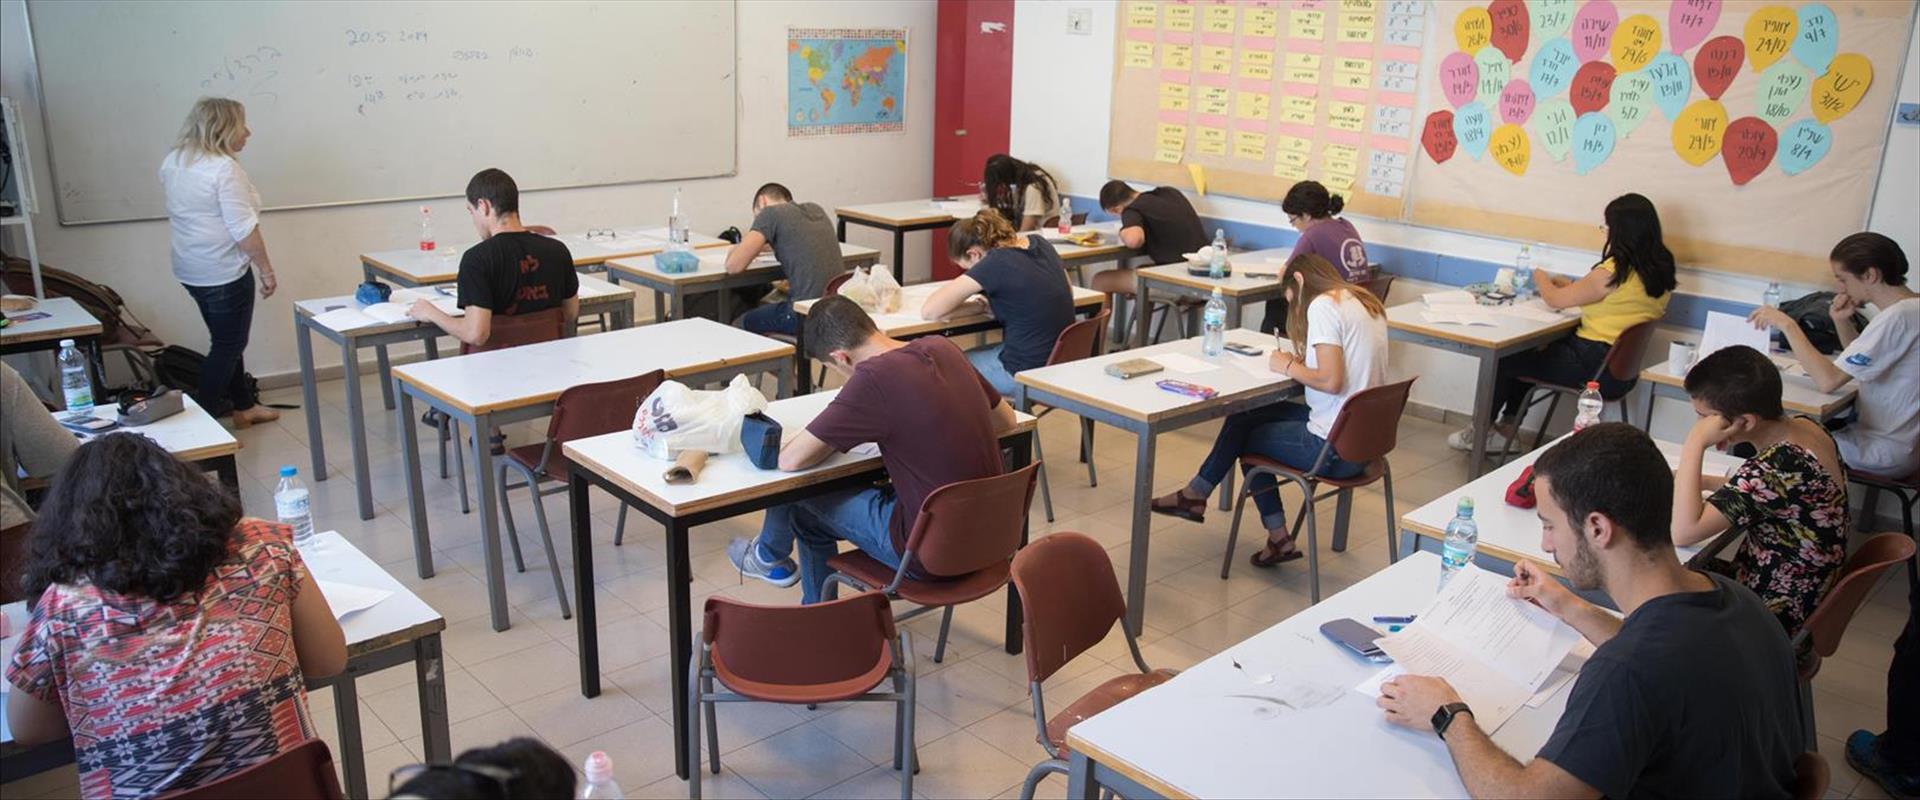 תלמידים במבחן